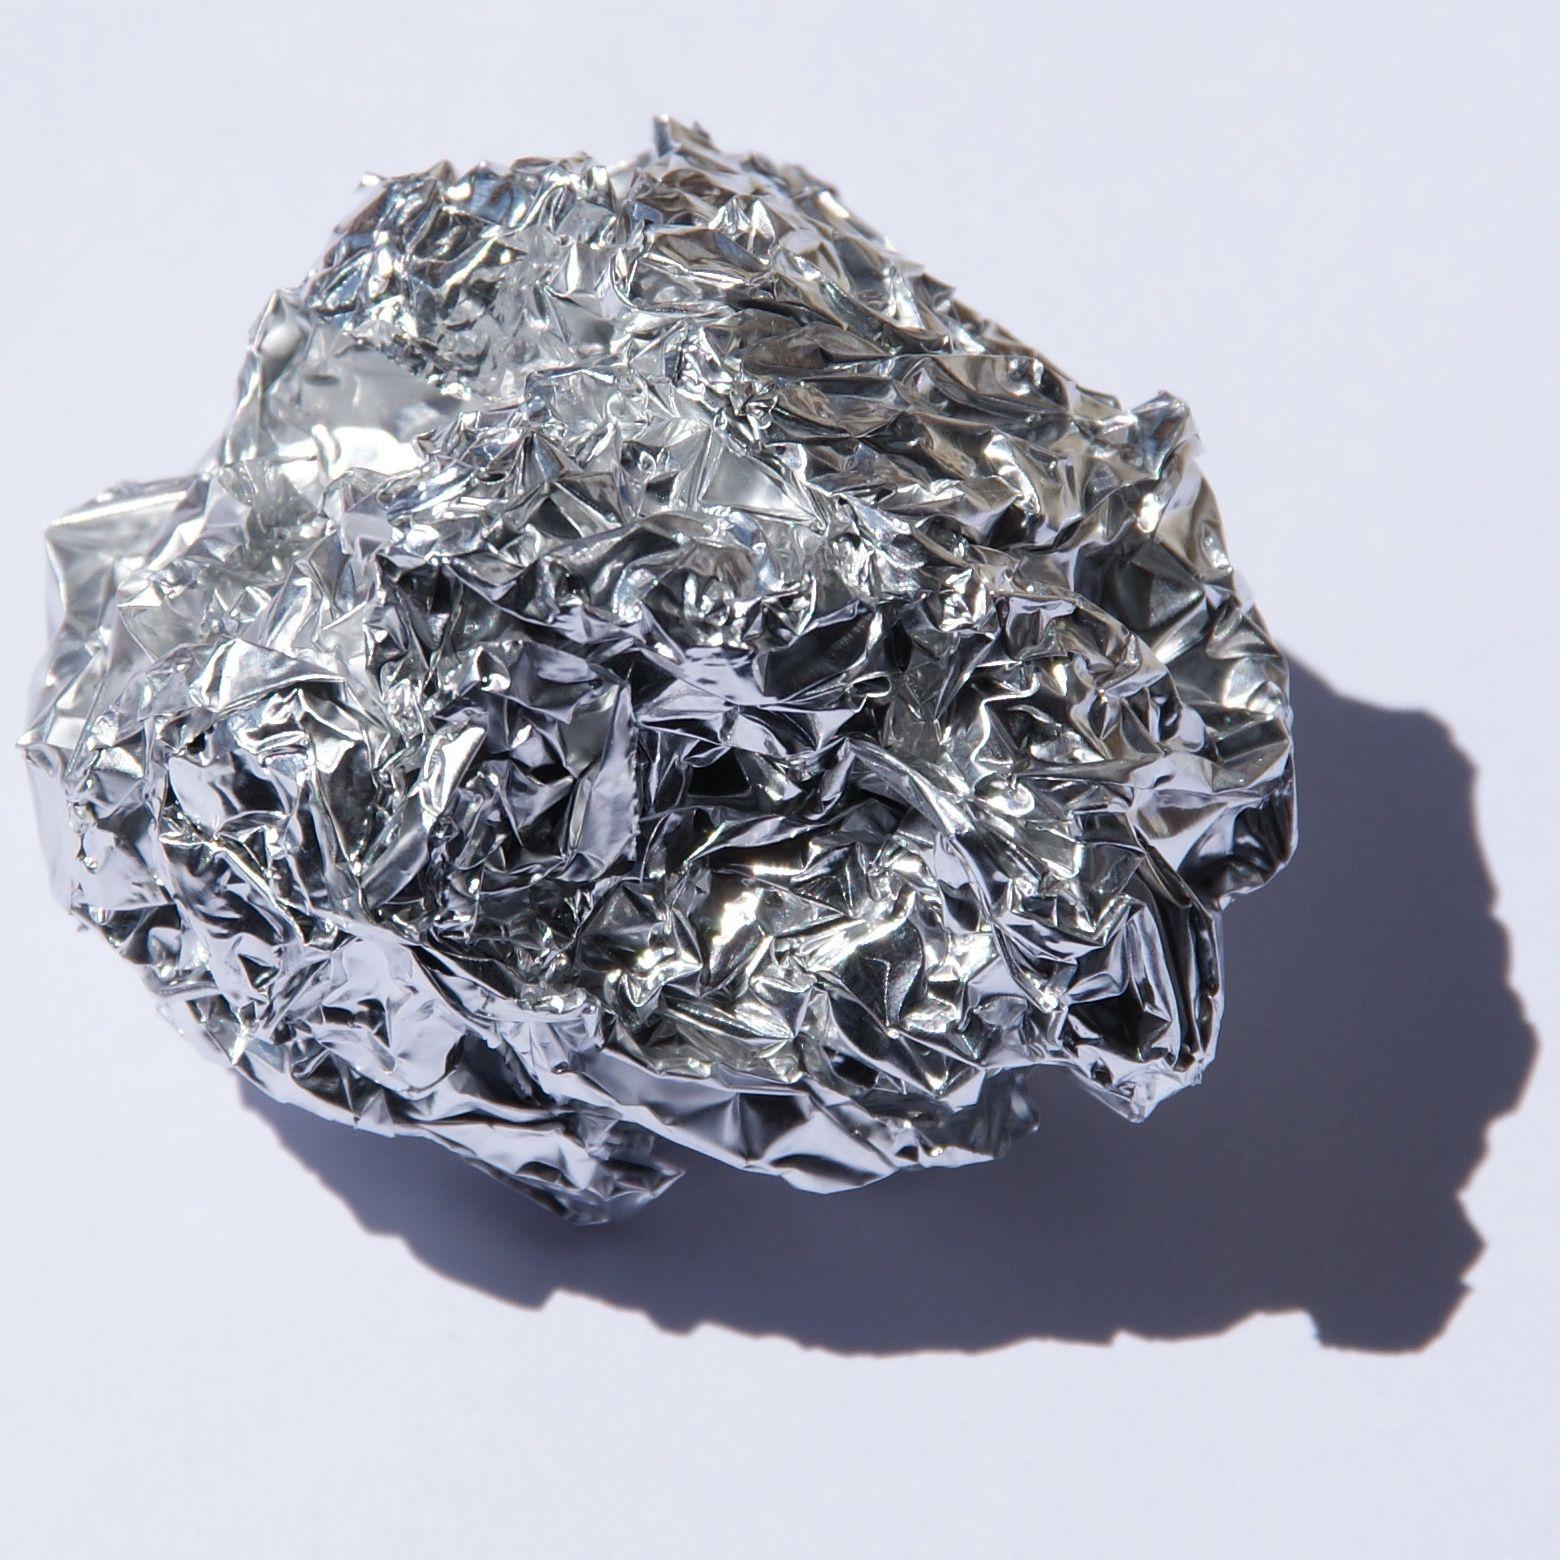 Pse in bildern aluminium - Couleur de l aluminium ...